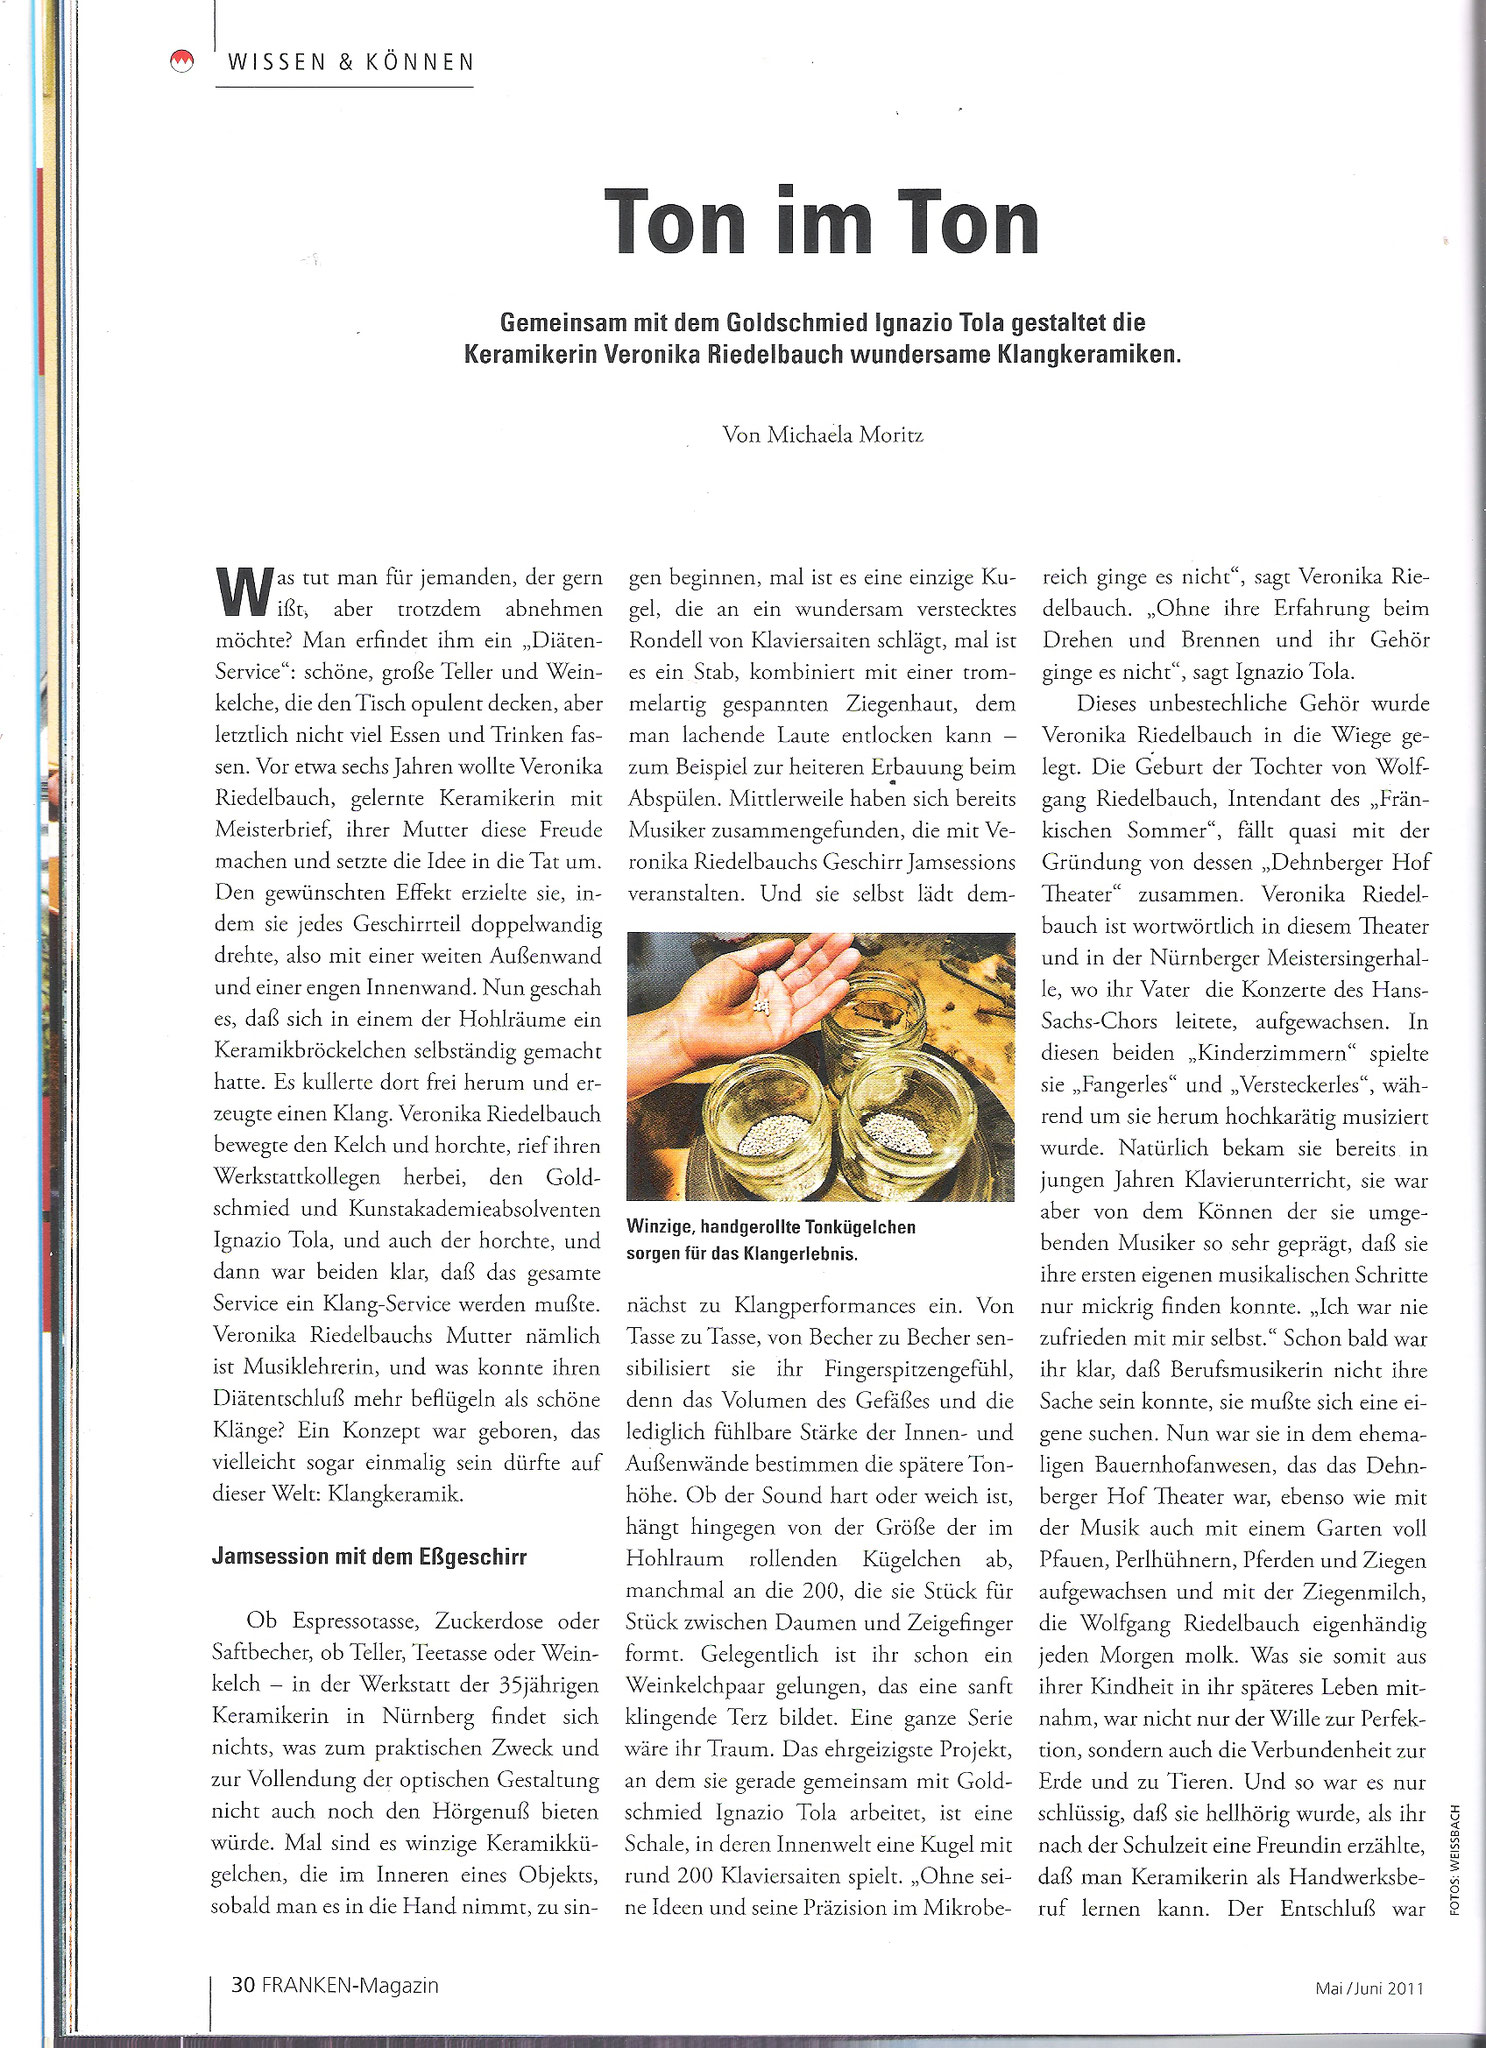 wundersame Klangkeramiken - FANKEN-Magazin